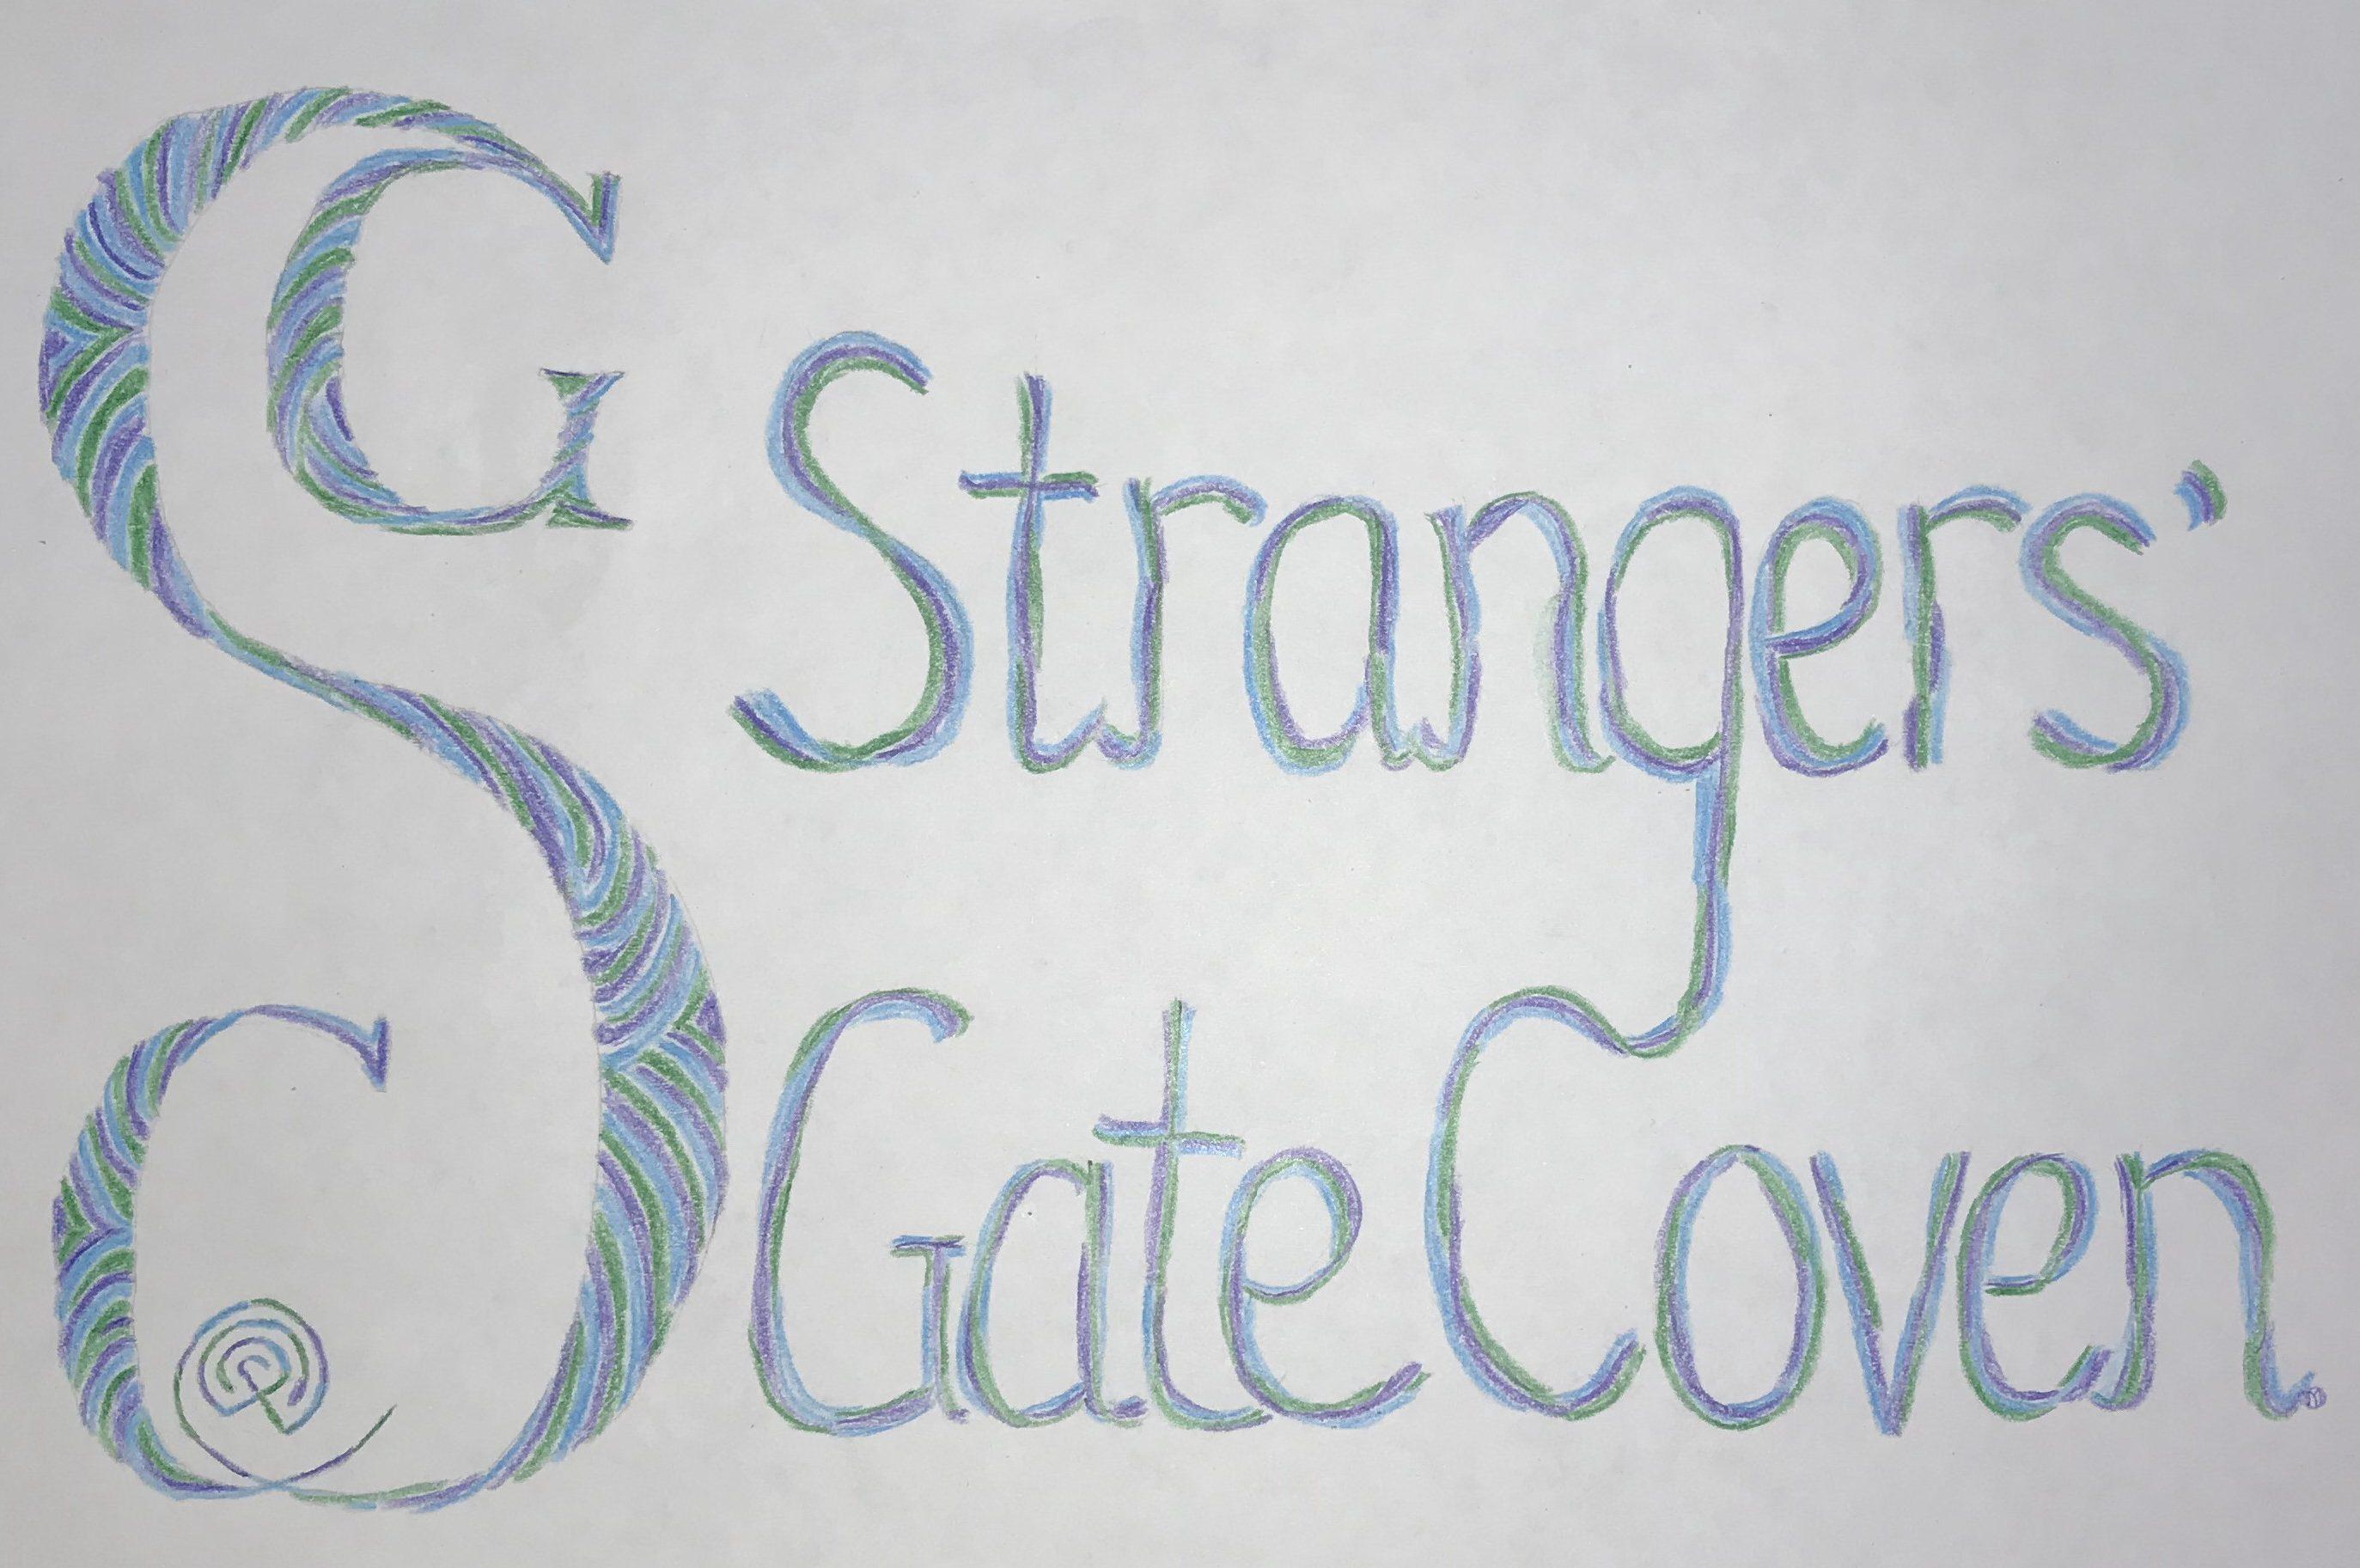 Strangers' Gate Coven